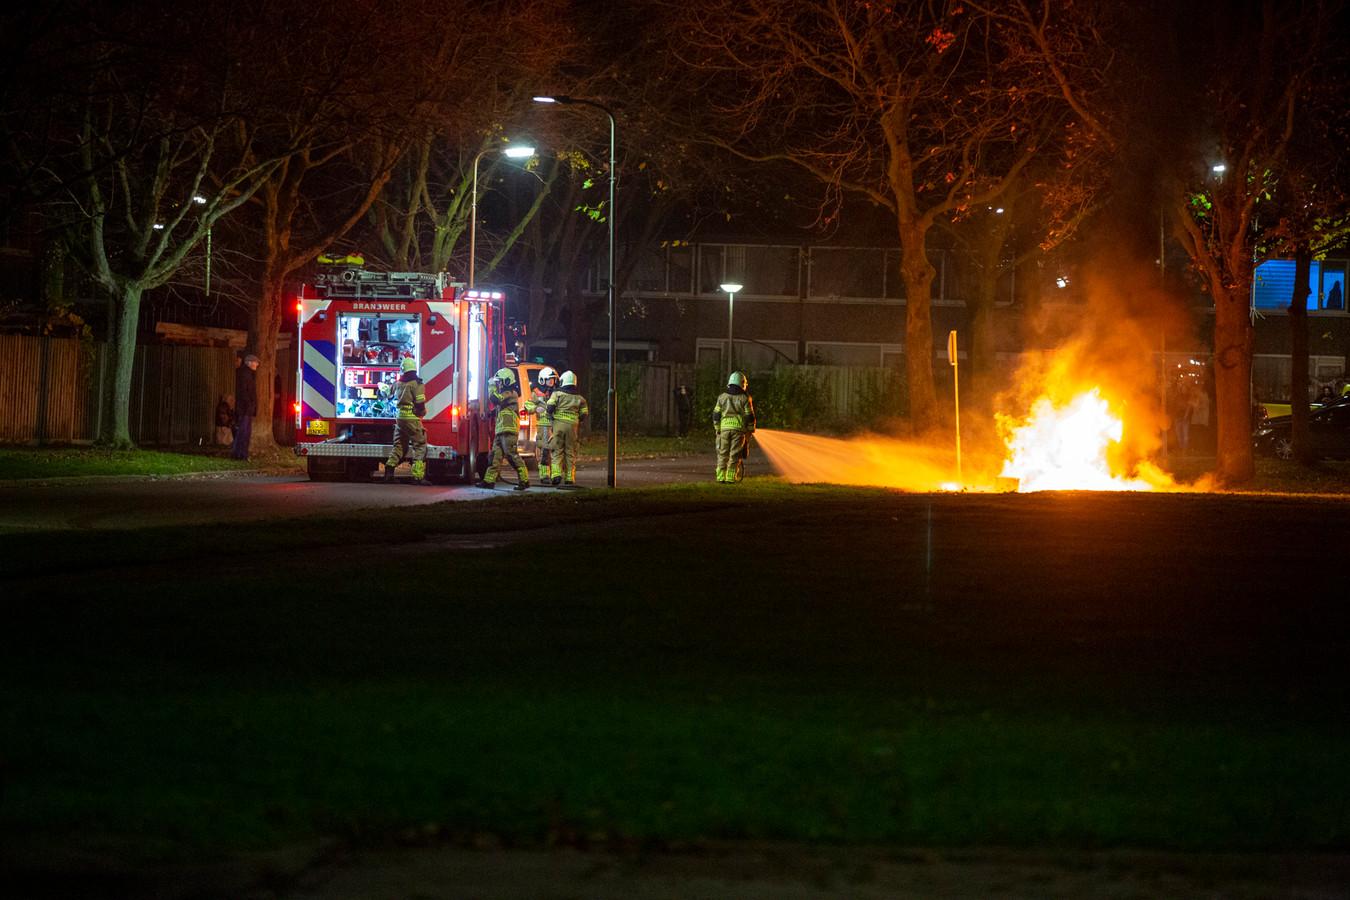 De brandweer moest uitrukken om branden te blussen in Roosendaal.